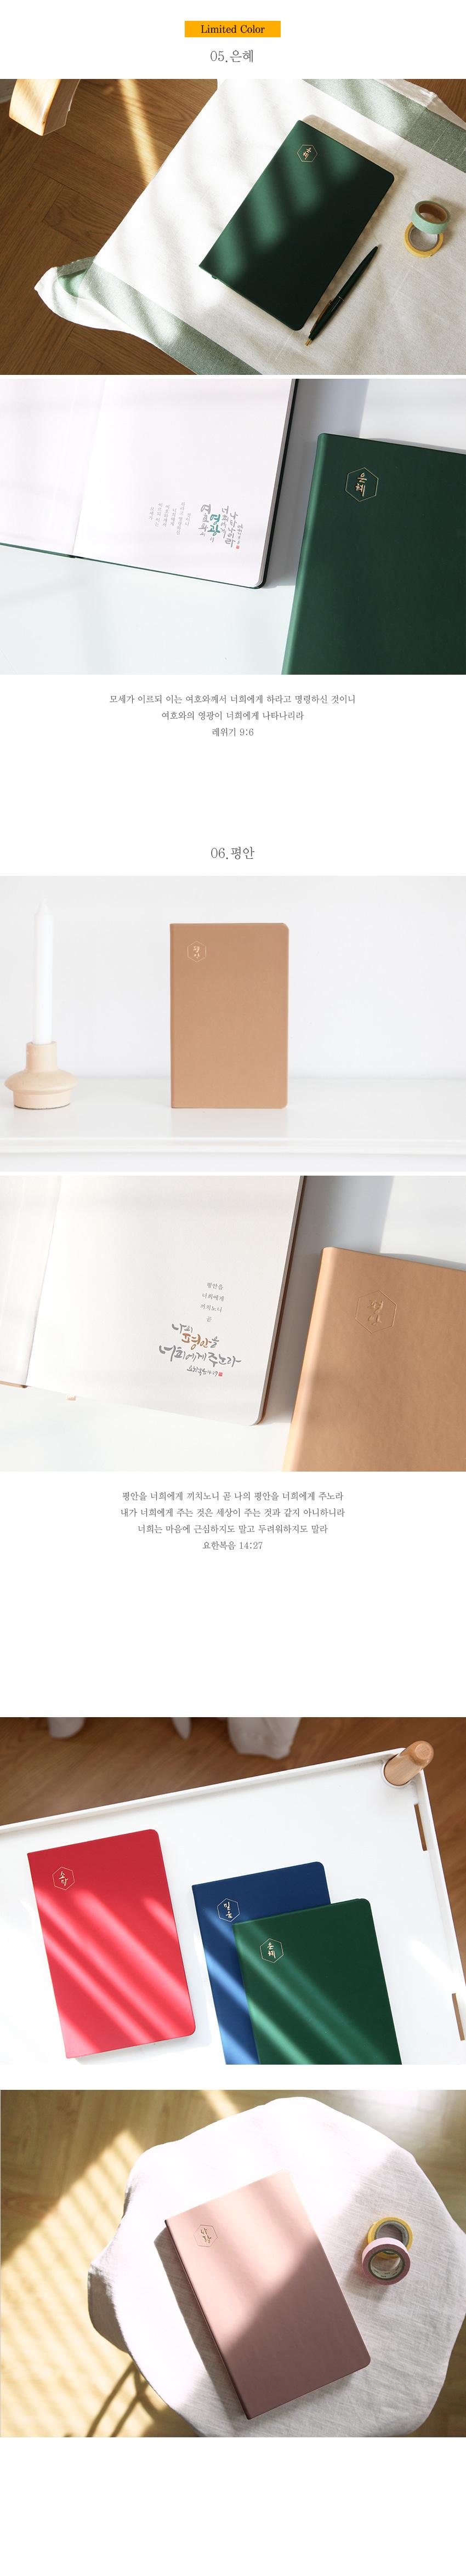 청현재이 좋은다이어리ver.7 6종 - 그레이스벨, 14,900원, 만년형, 심플/베이직